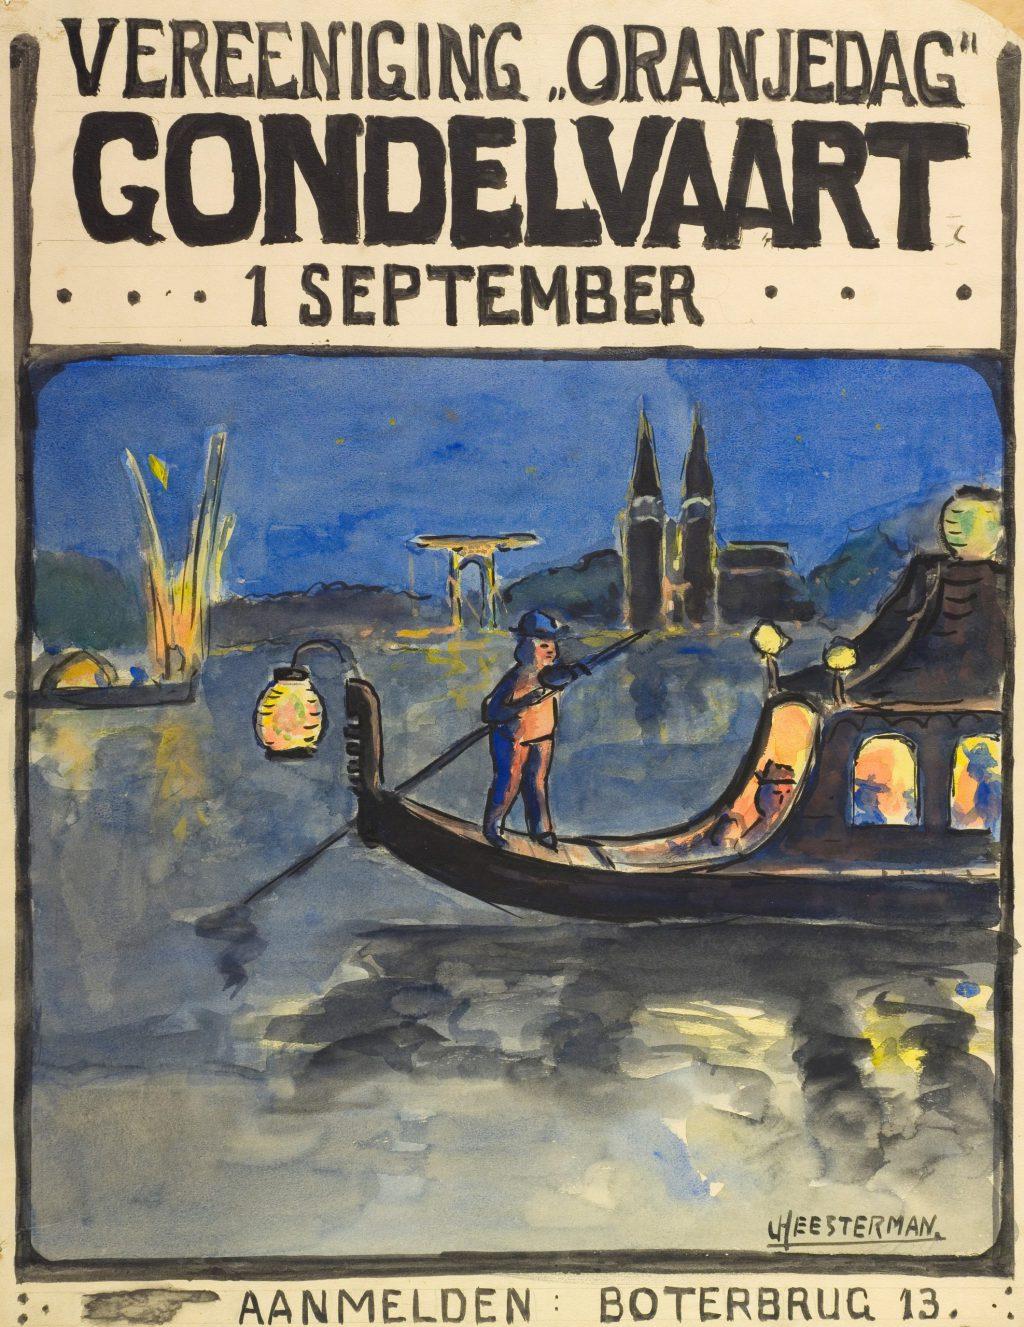 Jan Heesterman, Affiche voor de gondelvaart voor Vereniging Oranjedag, 1920 (TMS 65358)